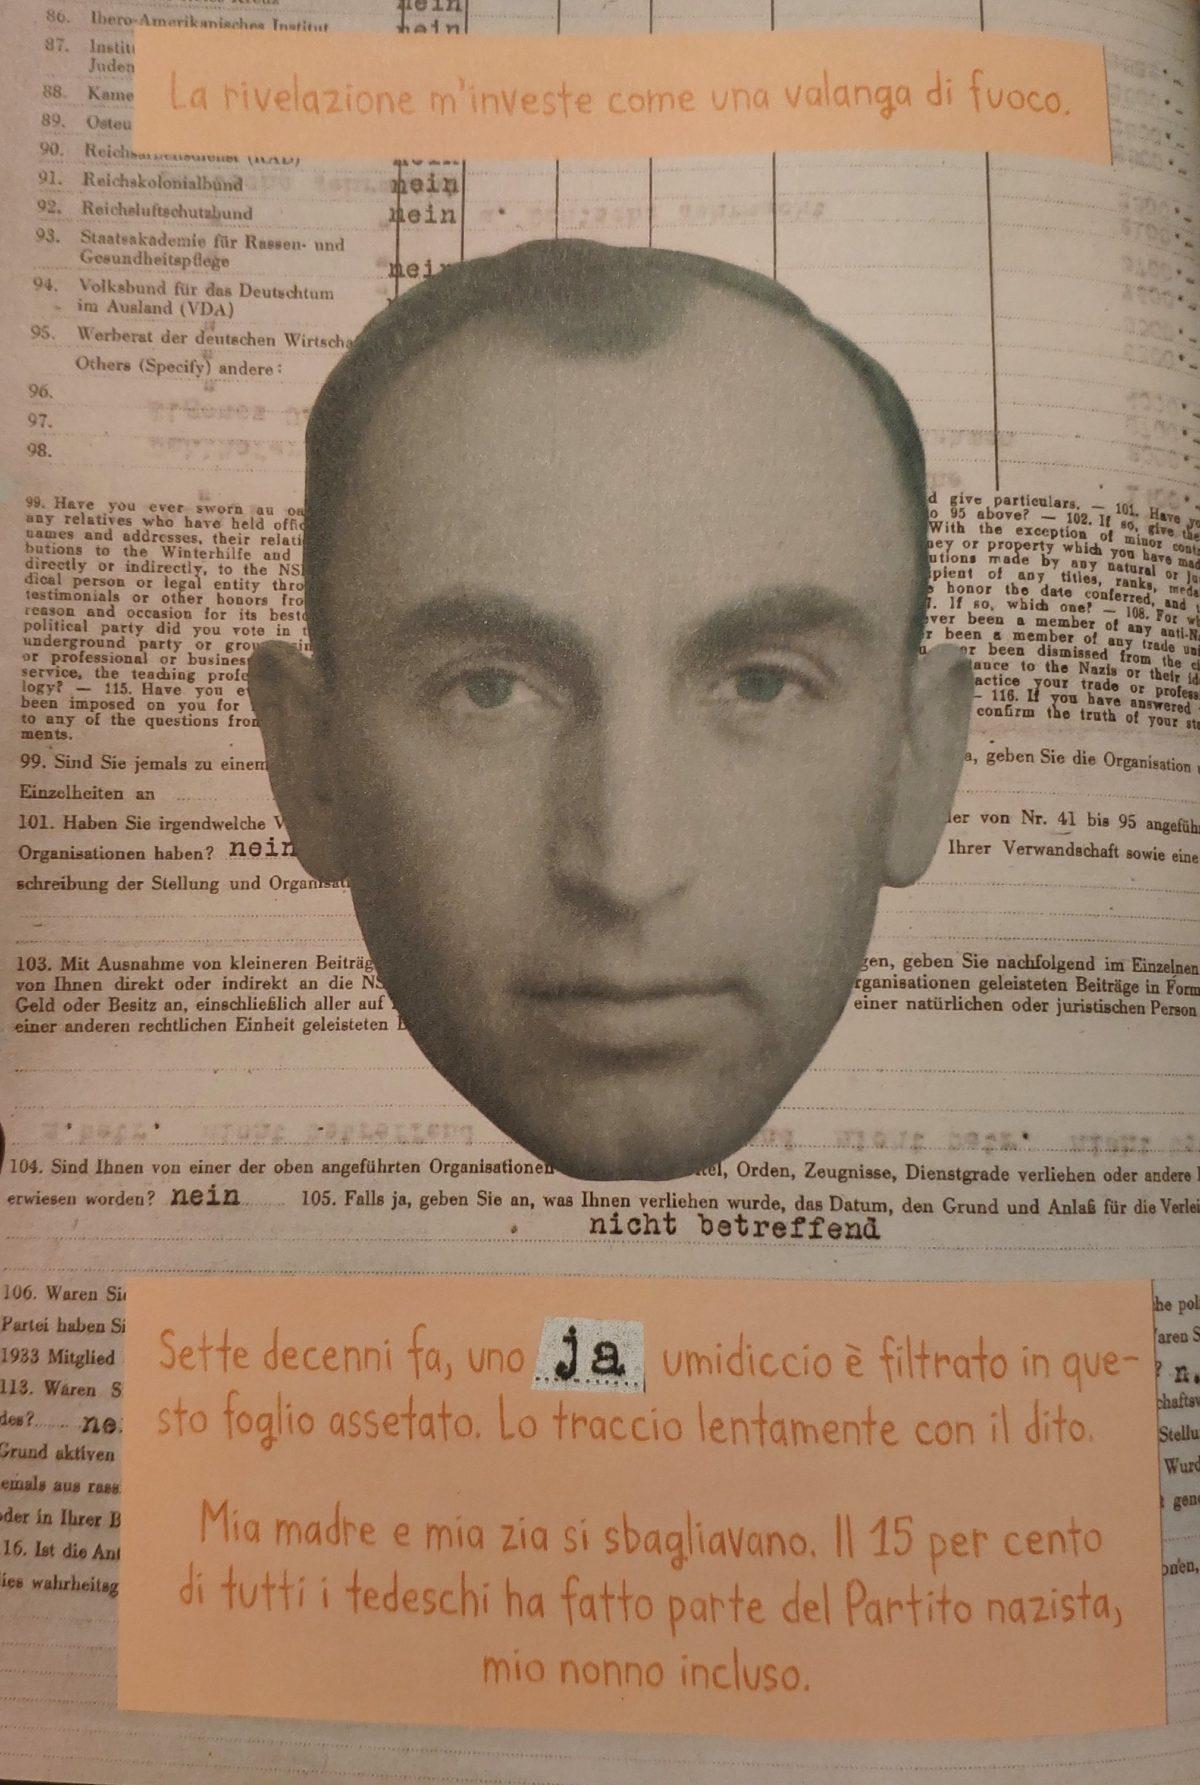 Mio Caro Fumetto - Heimat: un album di famiglia tedesco - Pagina che descrive la scoperta di Nora Krug del fatto che il nonno fosse membro del partito nazista.